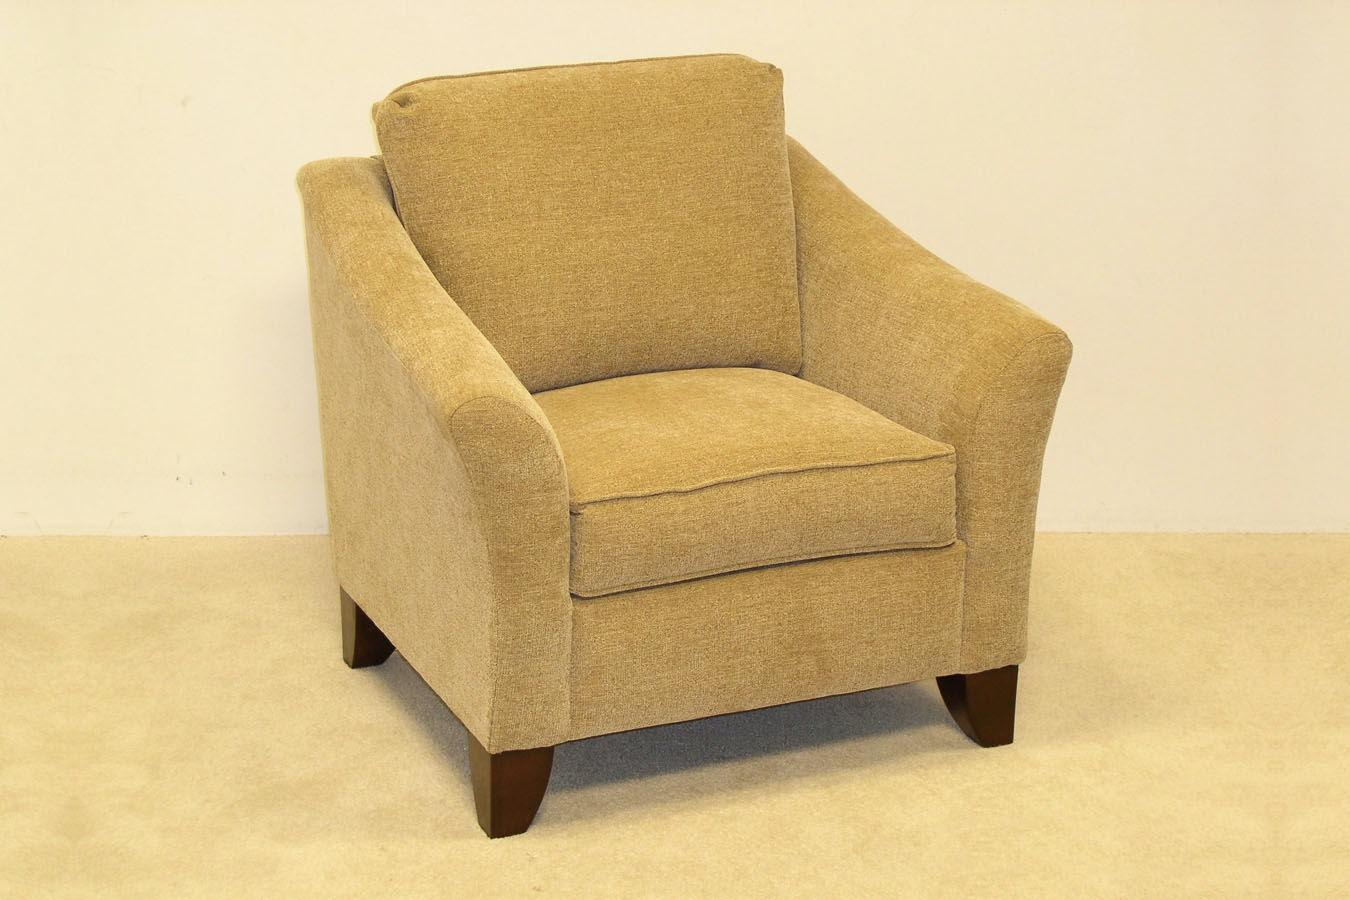 2155LCHR. 35u0027u0027 Chair · 2155LCHR · LaCrosse